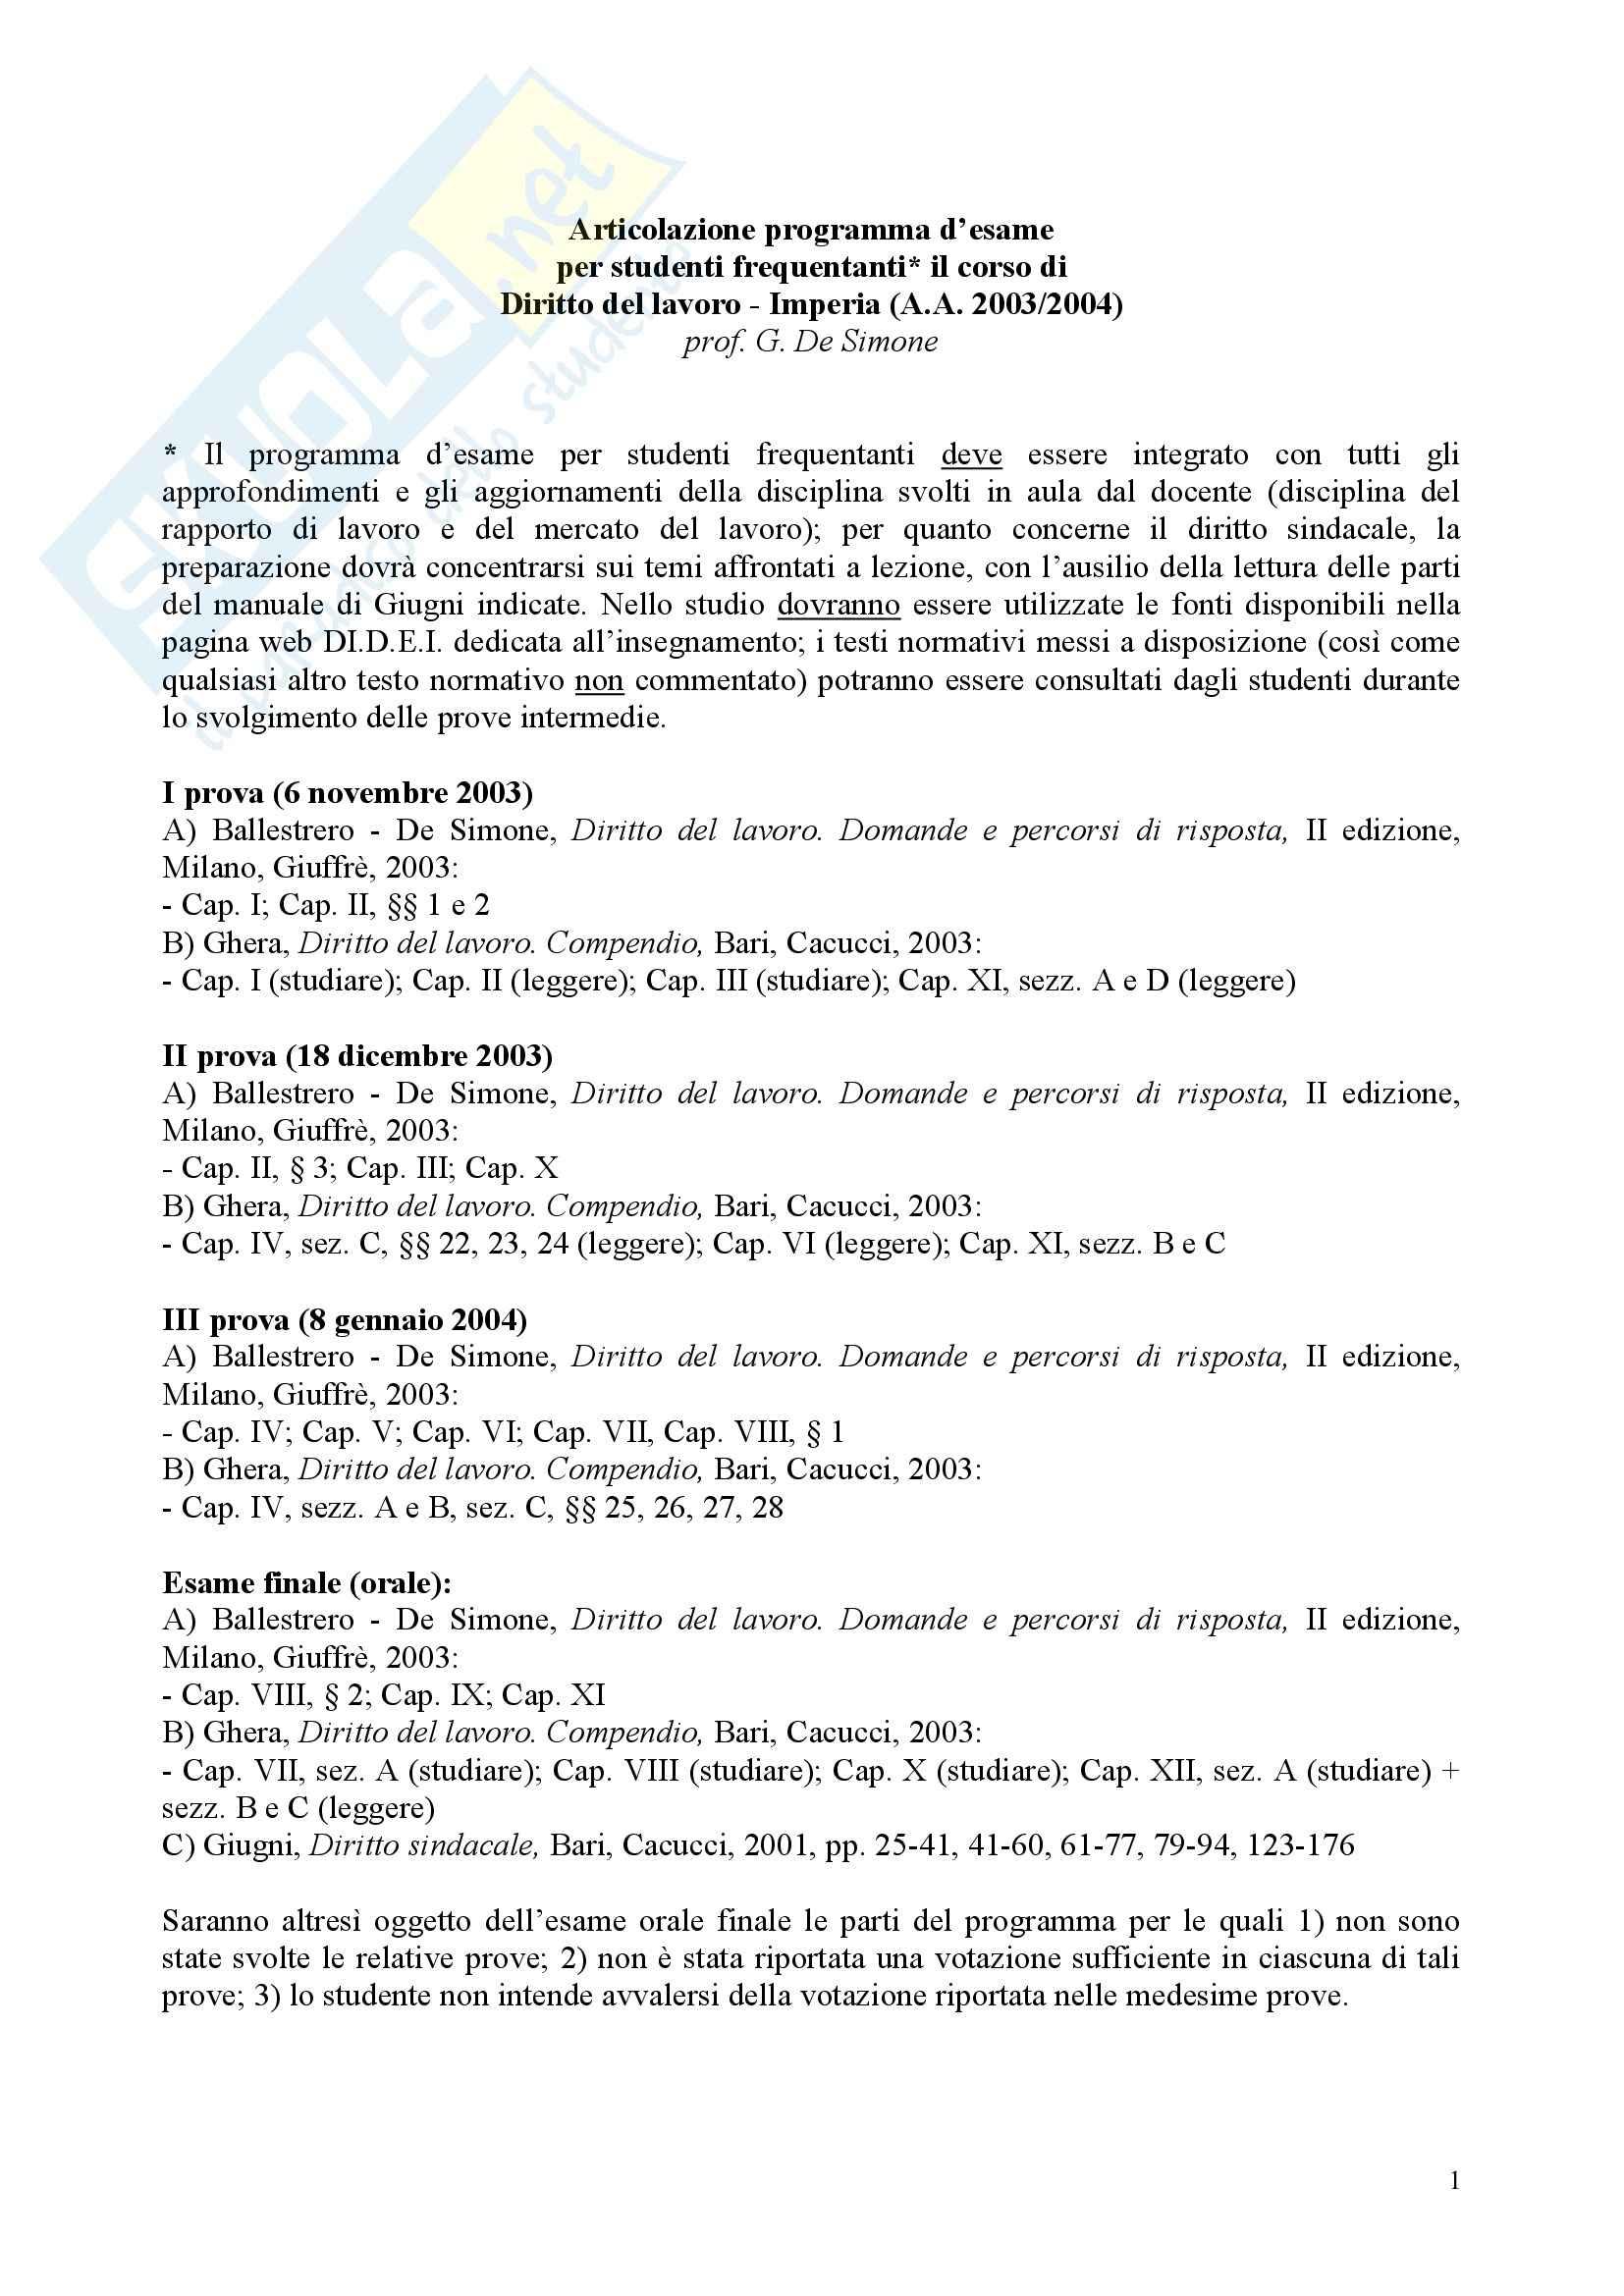 Diritto del lavoro, appunti De Simone